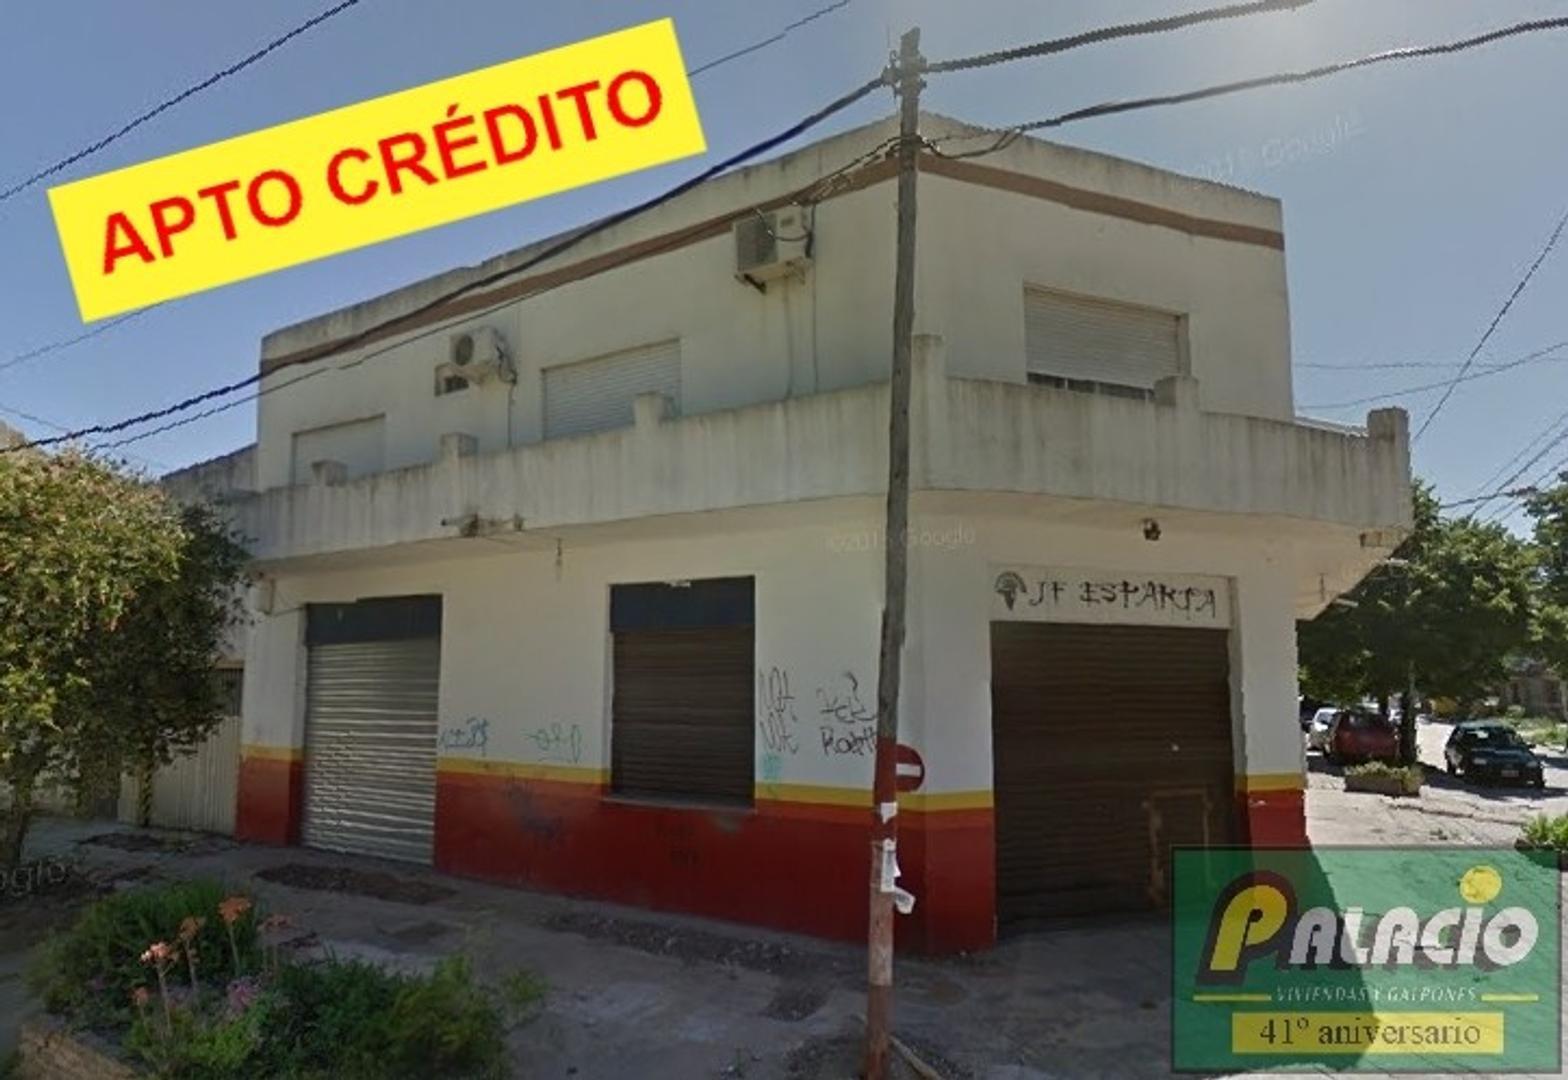 DEPARTAMENTO PISO UNICO 4 AMB APTO CRÉDITO MUY BUENO VILLA BONICH